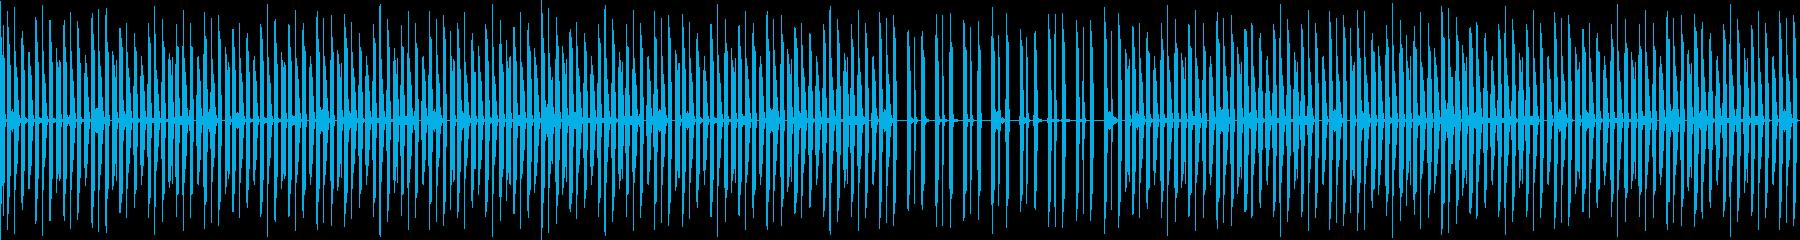 削ぎ落とされミニマルなスローダウンビートの再生済みの波形